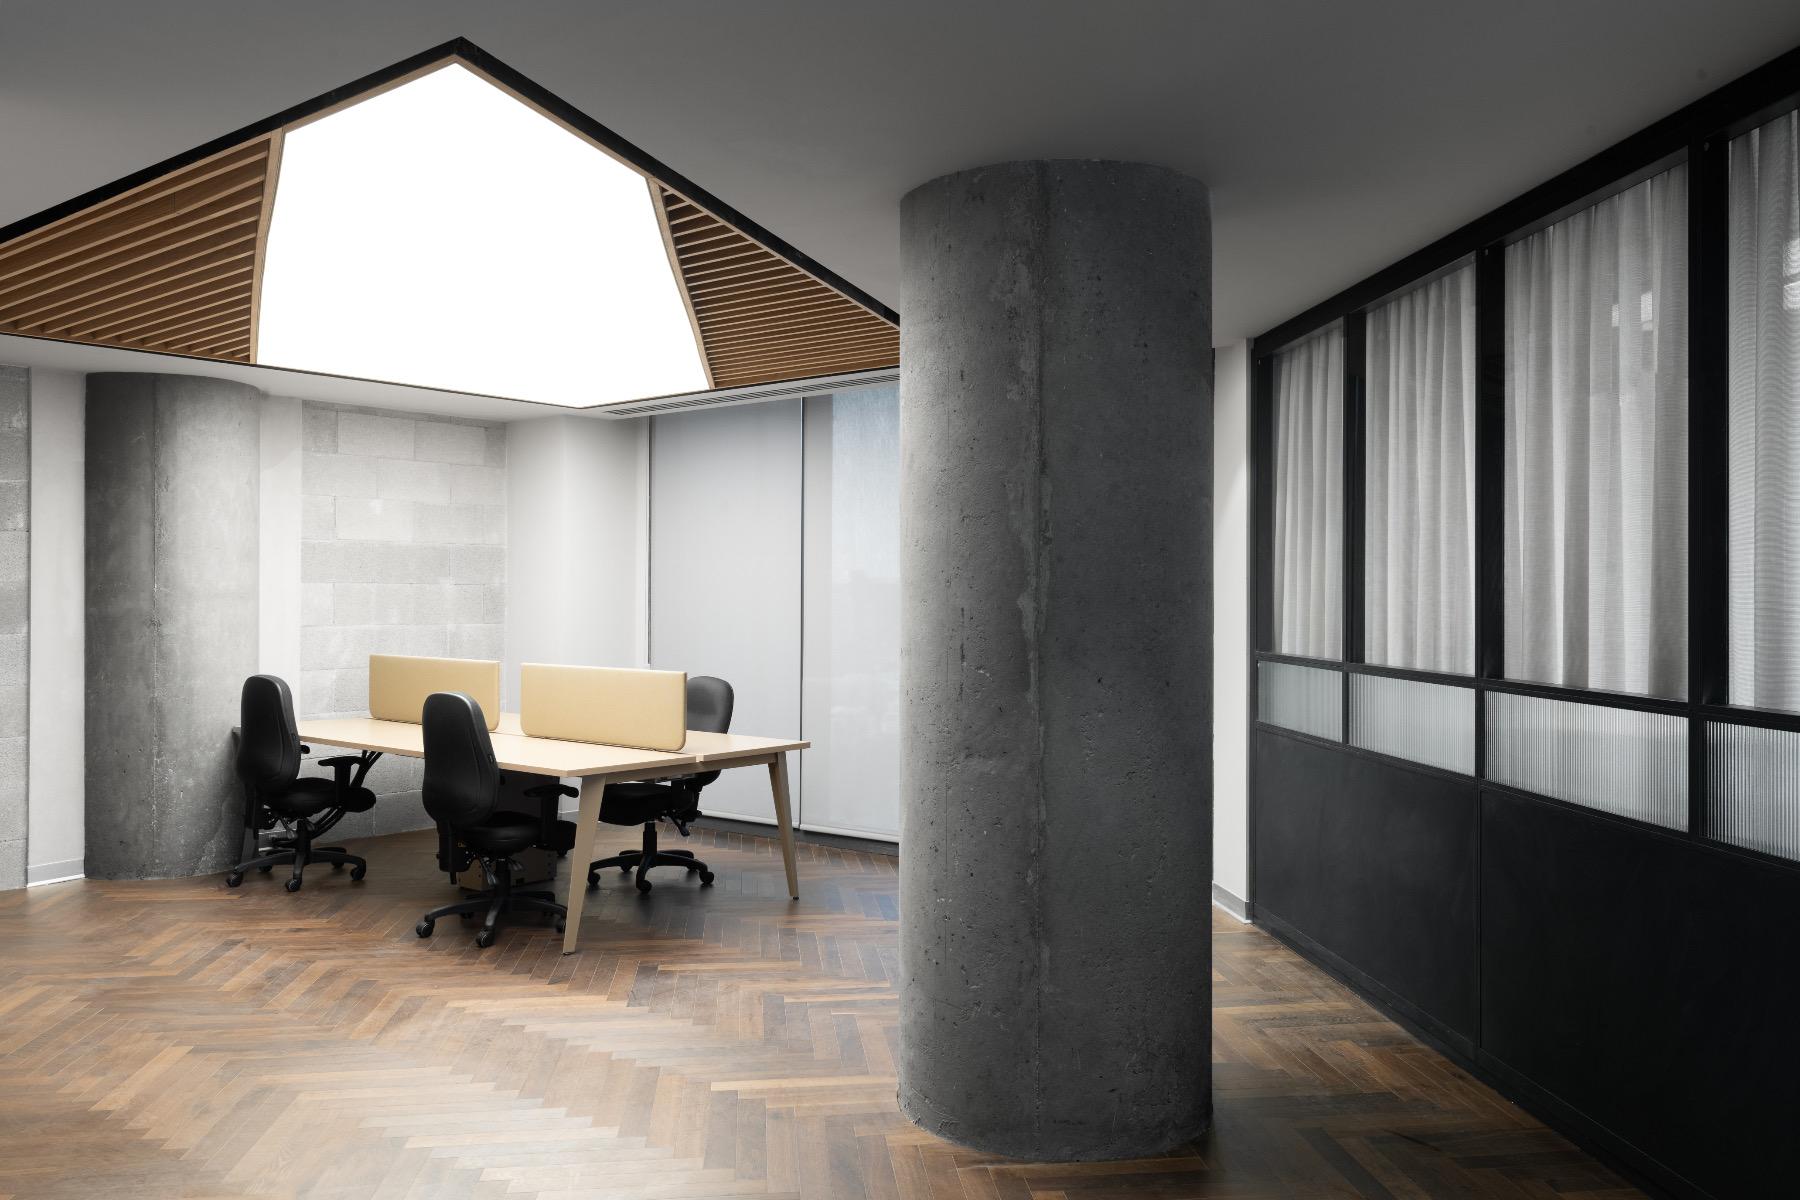 siemplify-tel-aviv-office-3